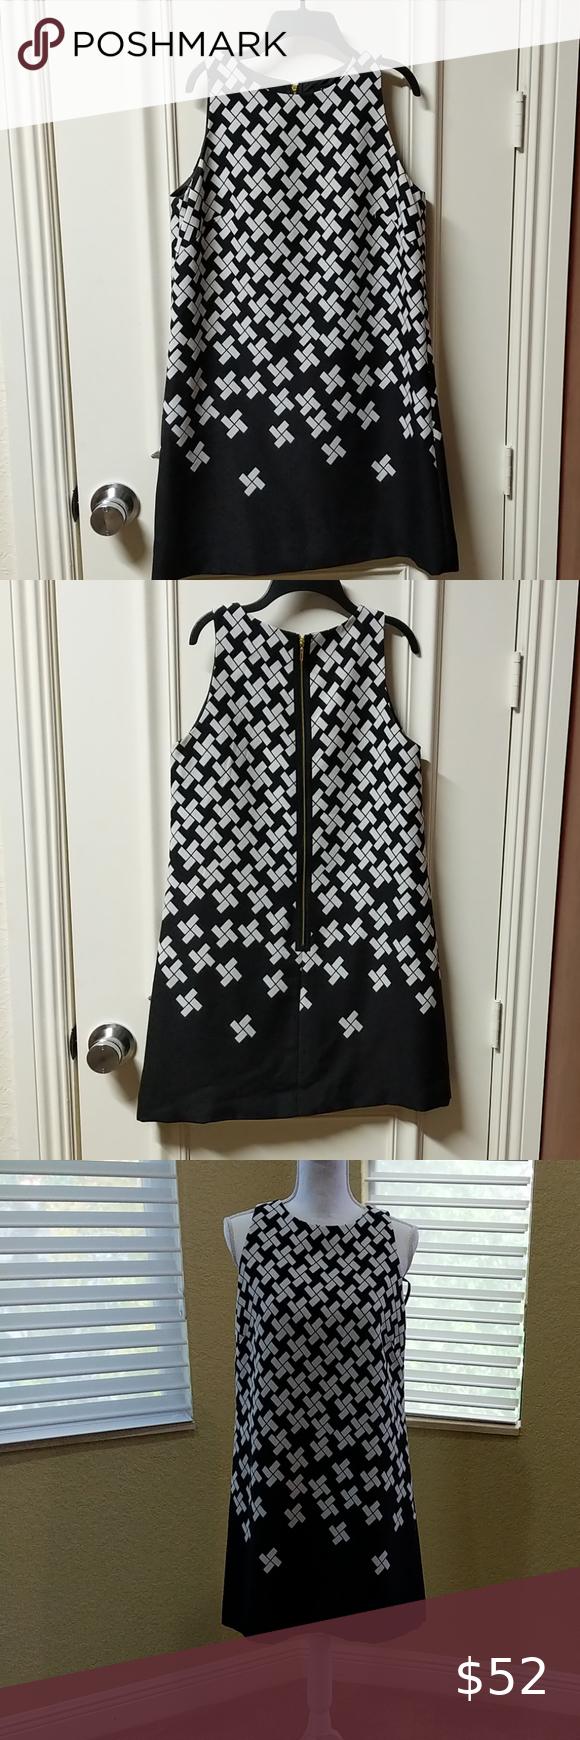 Tahari Black White Dress 6 Black White Dress White Dress Clothes Design [ 1740 x 580 Pixel ]